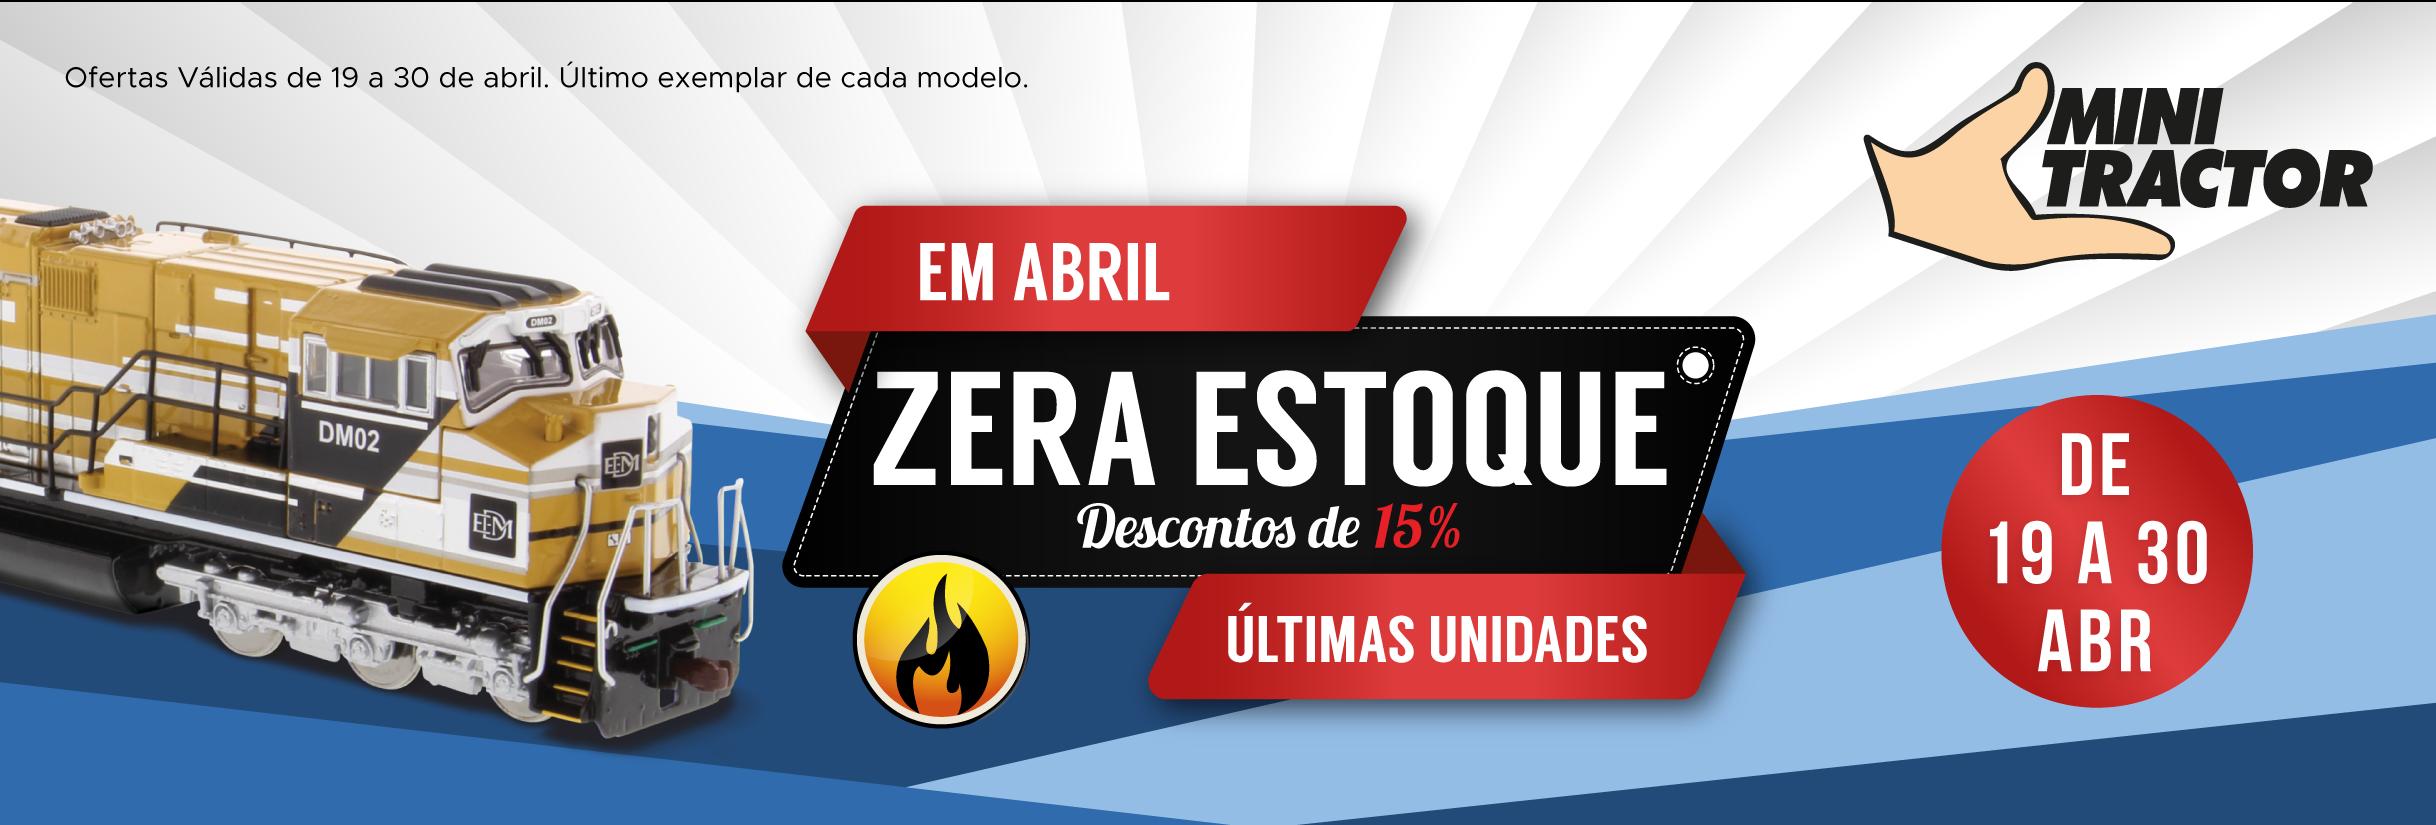 promoção zera estoque - Último exemplar de cada modelo